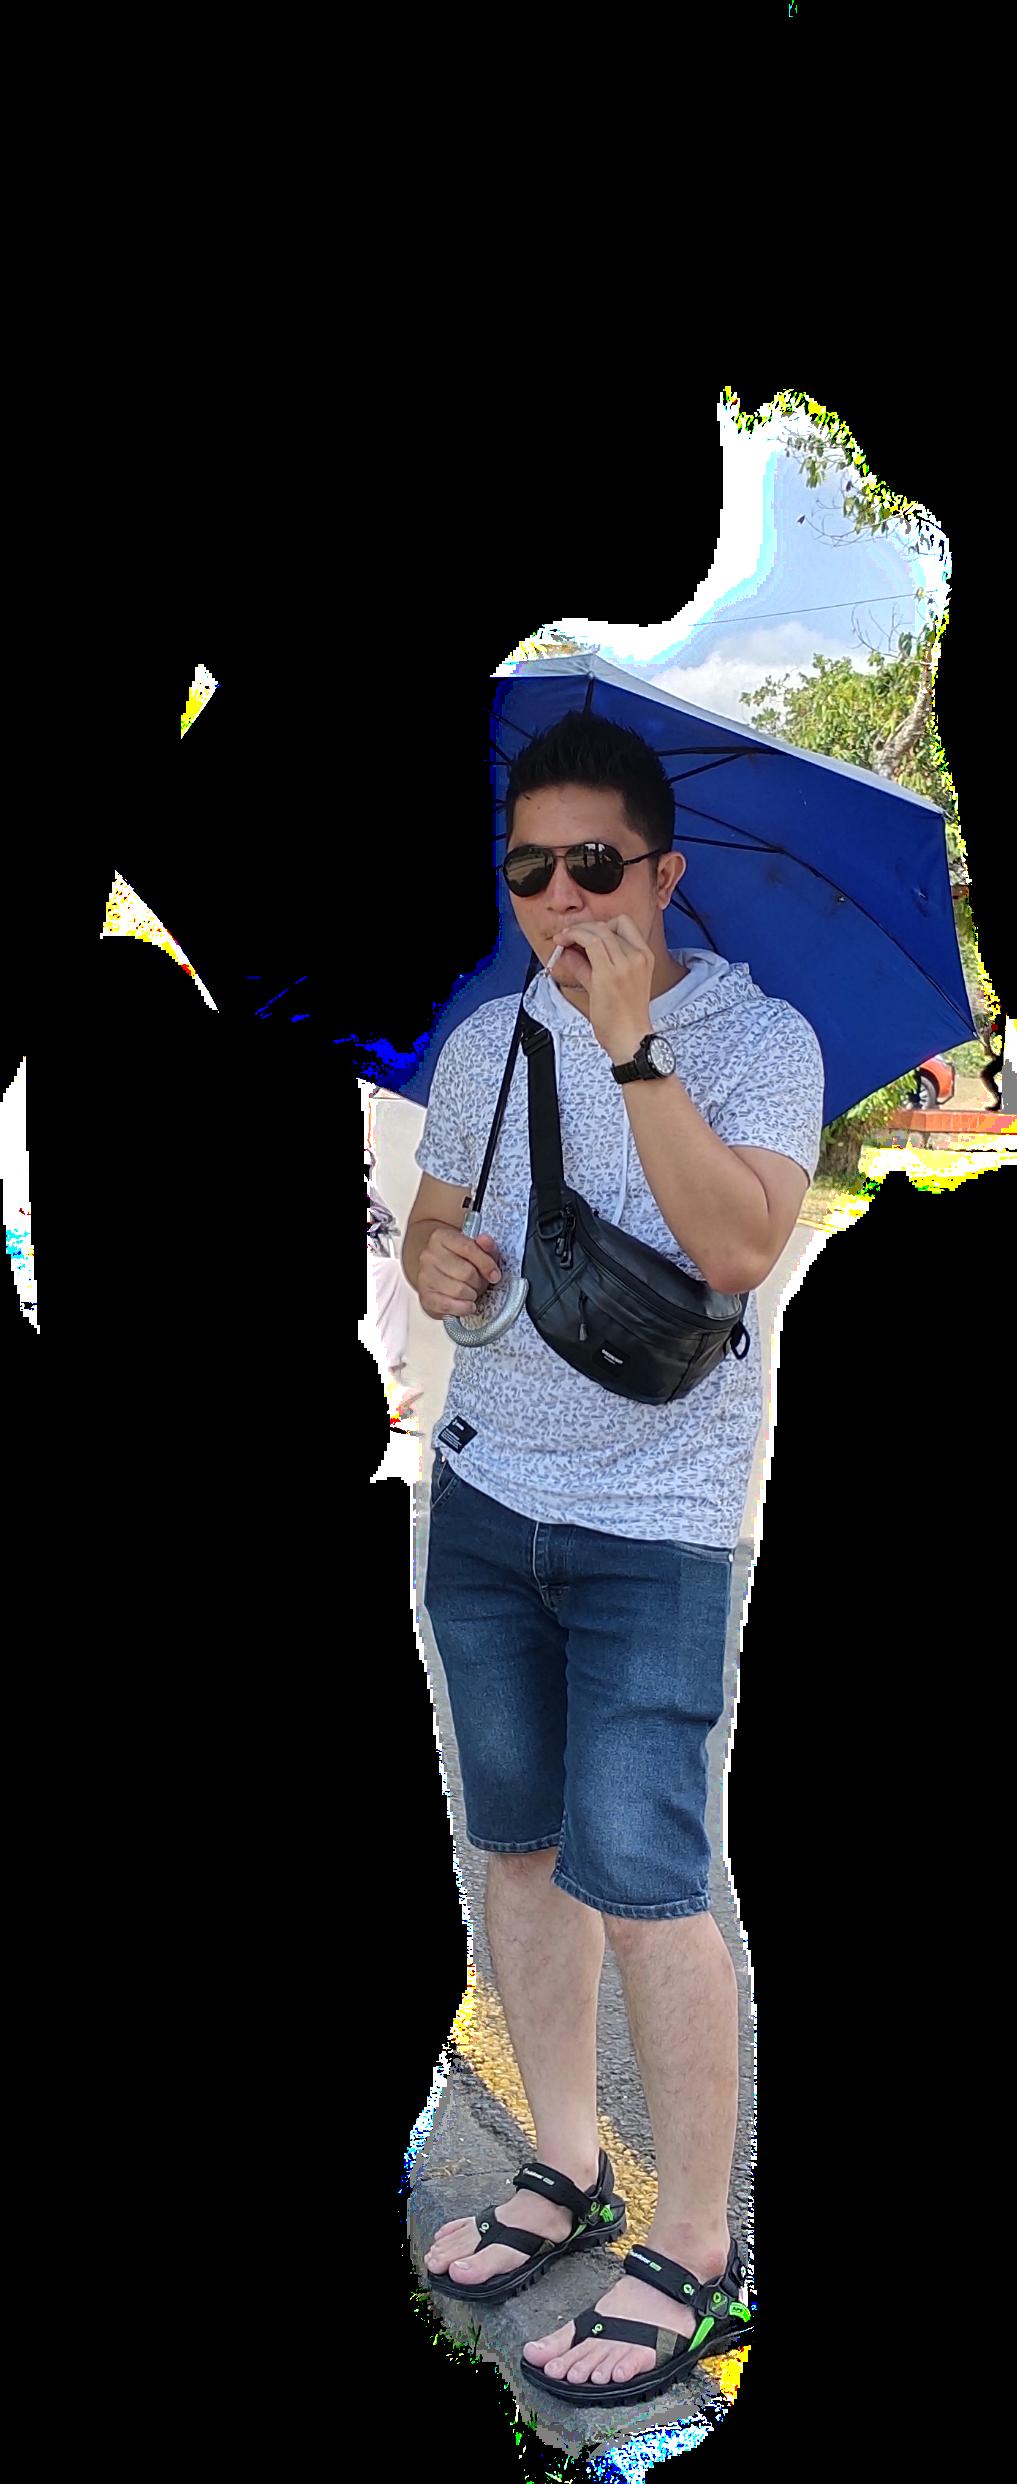 #Umbrella boy